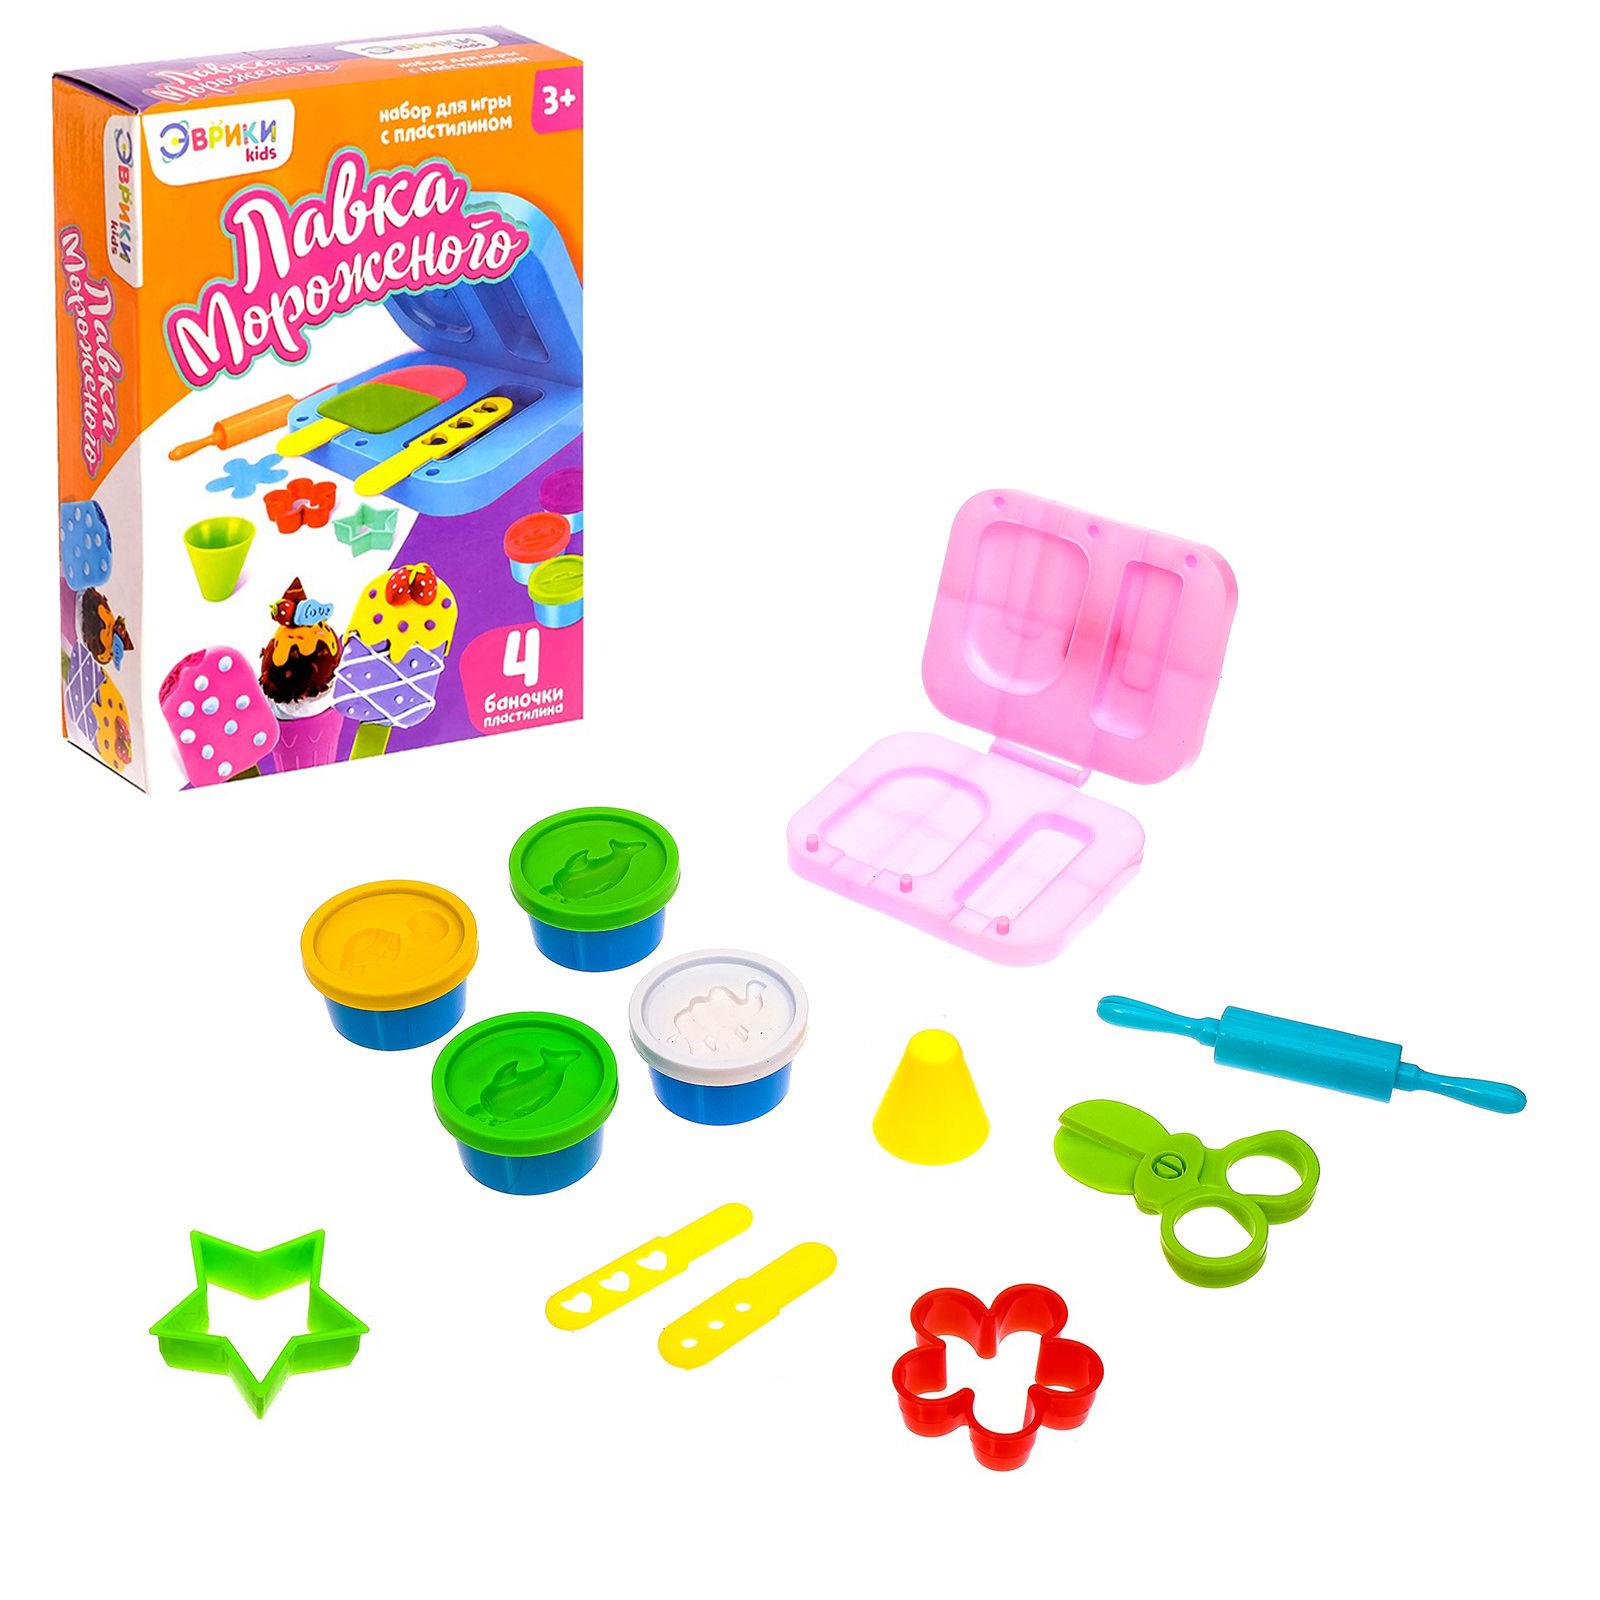 Набор для игры с пластилином «Лавка мороженого»